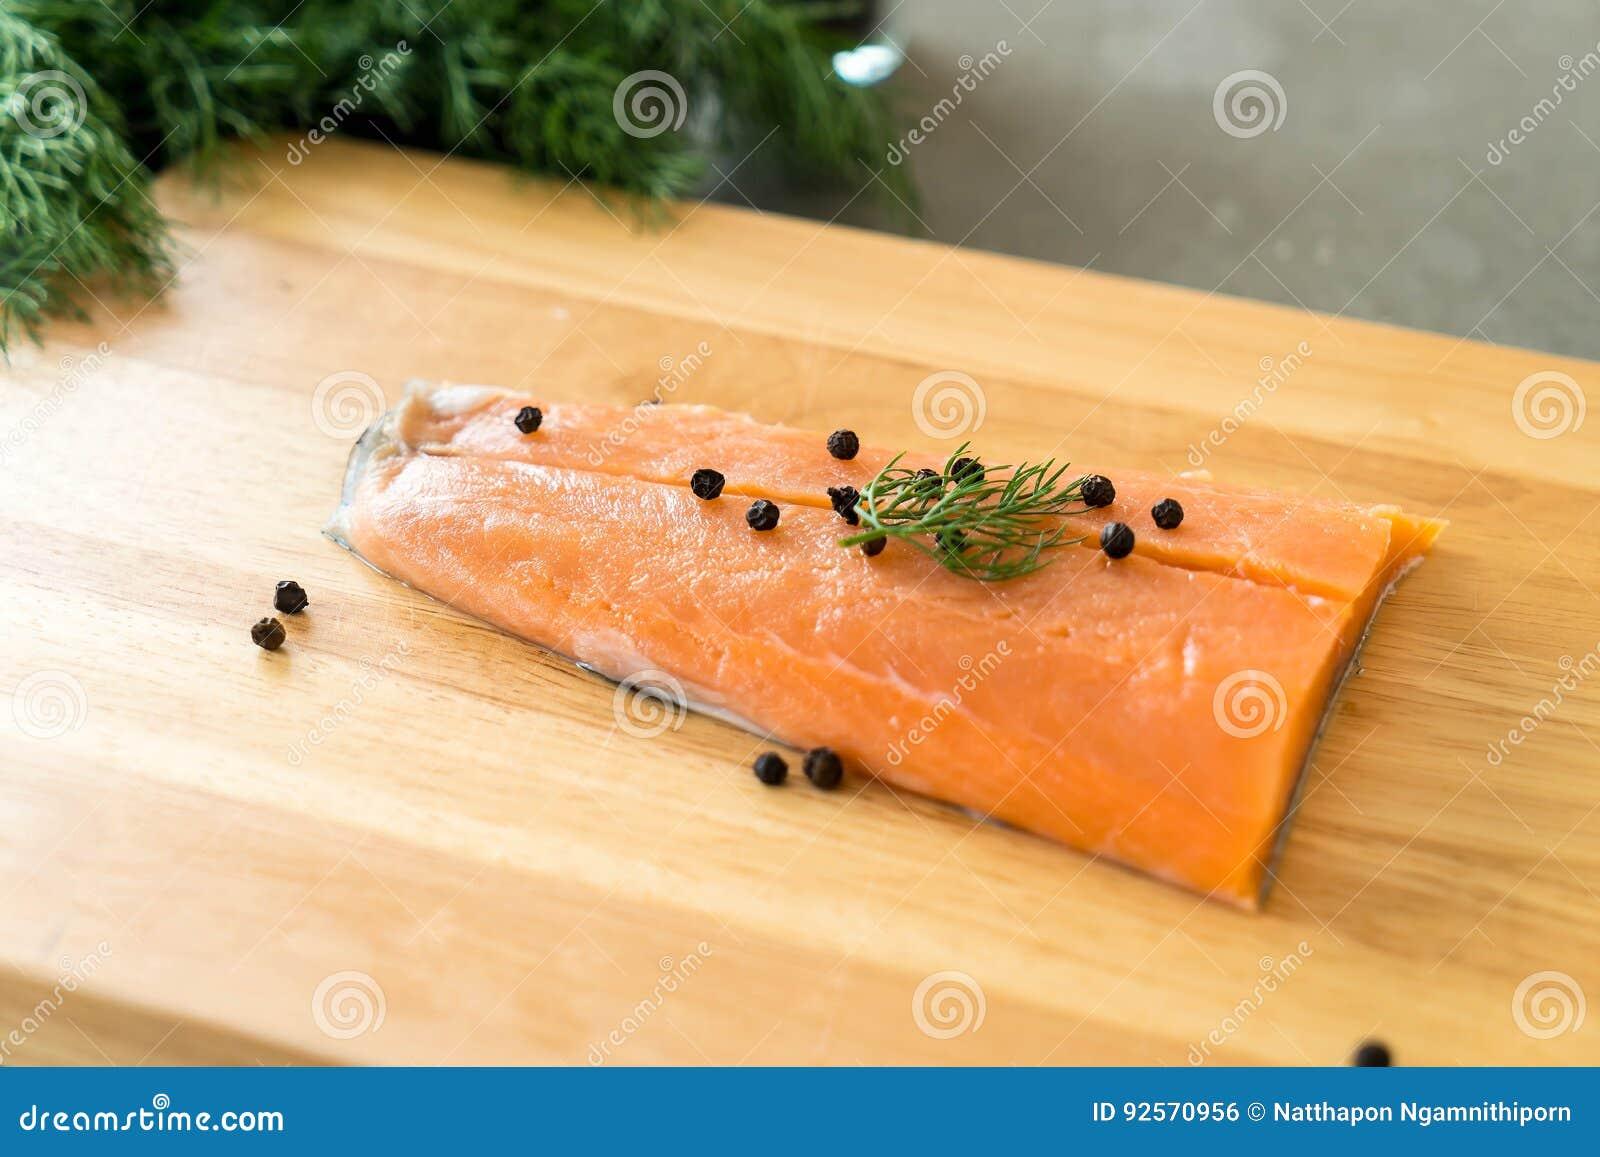 Salmon Fillet fresco a bordo